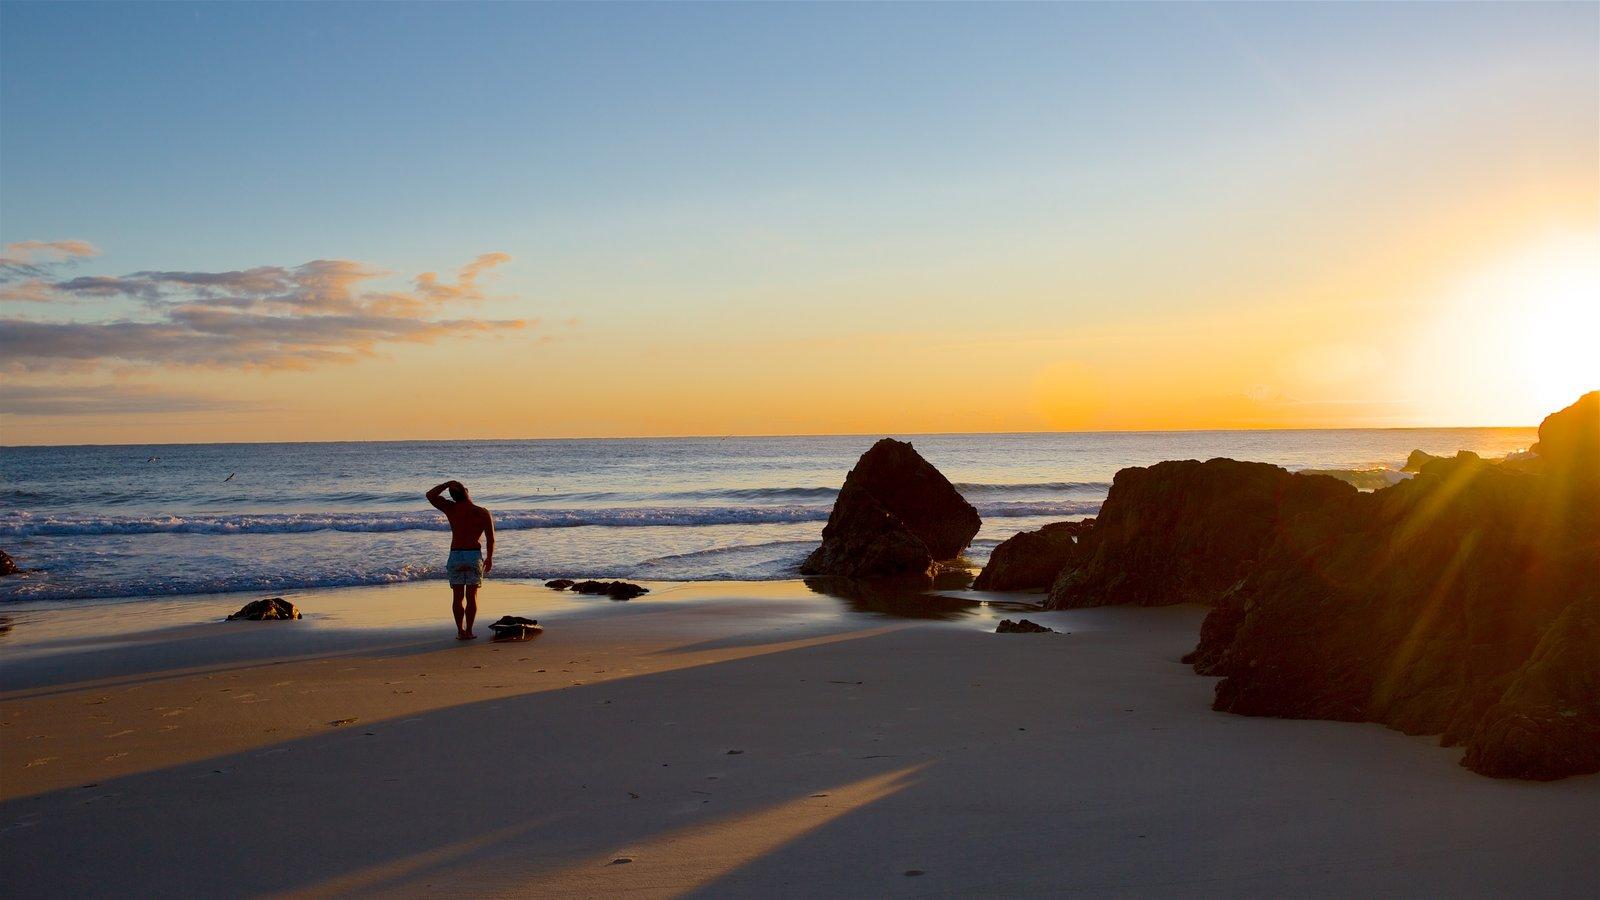 Byron Bay ofreciendo una puesta de sol, vistas generales de la costa y una playa de arena